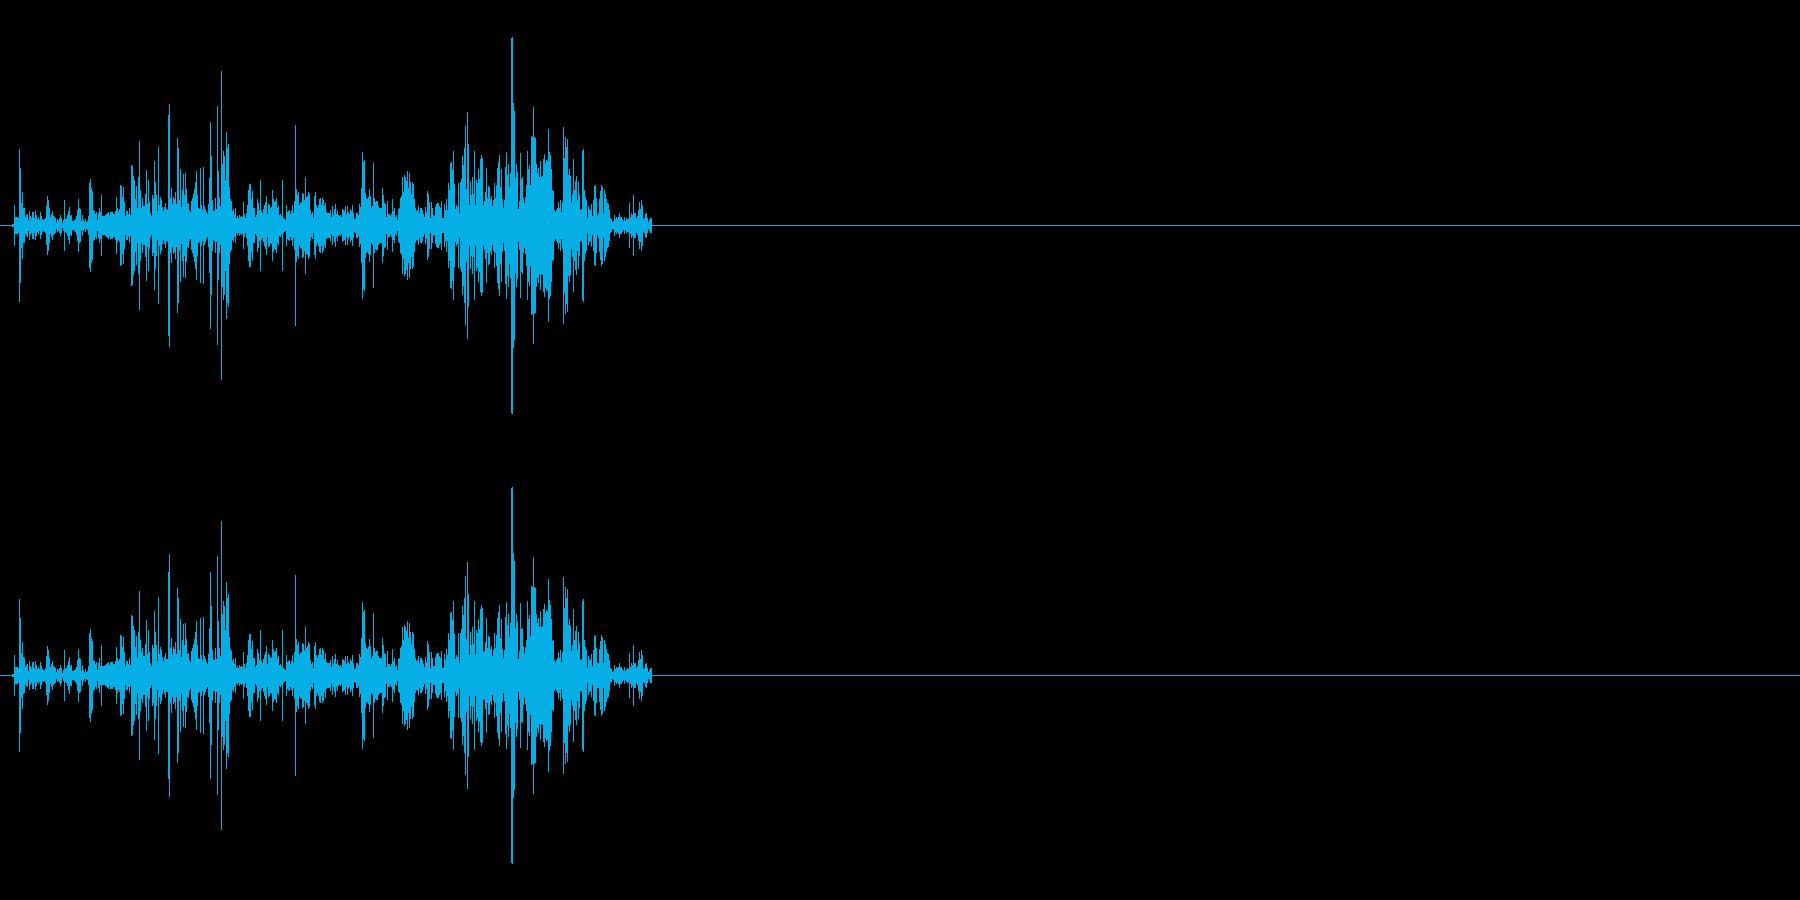 ファイヤ系、火力魔法効果音の再生済みの波形